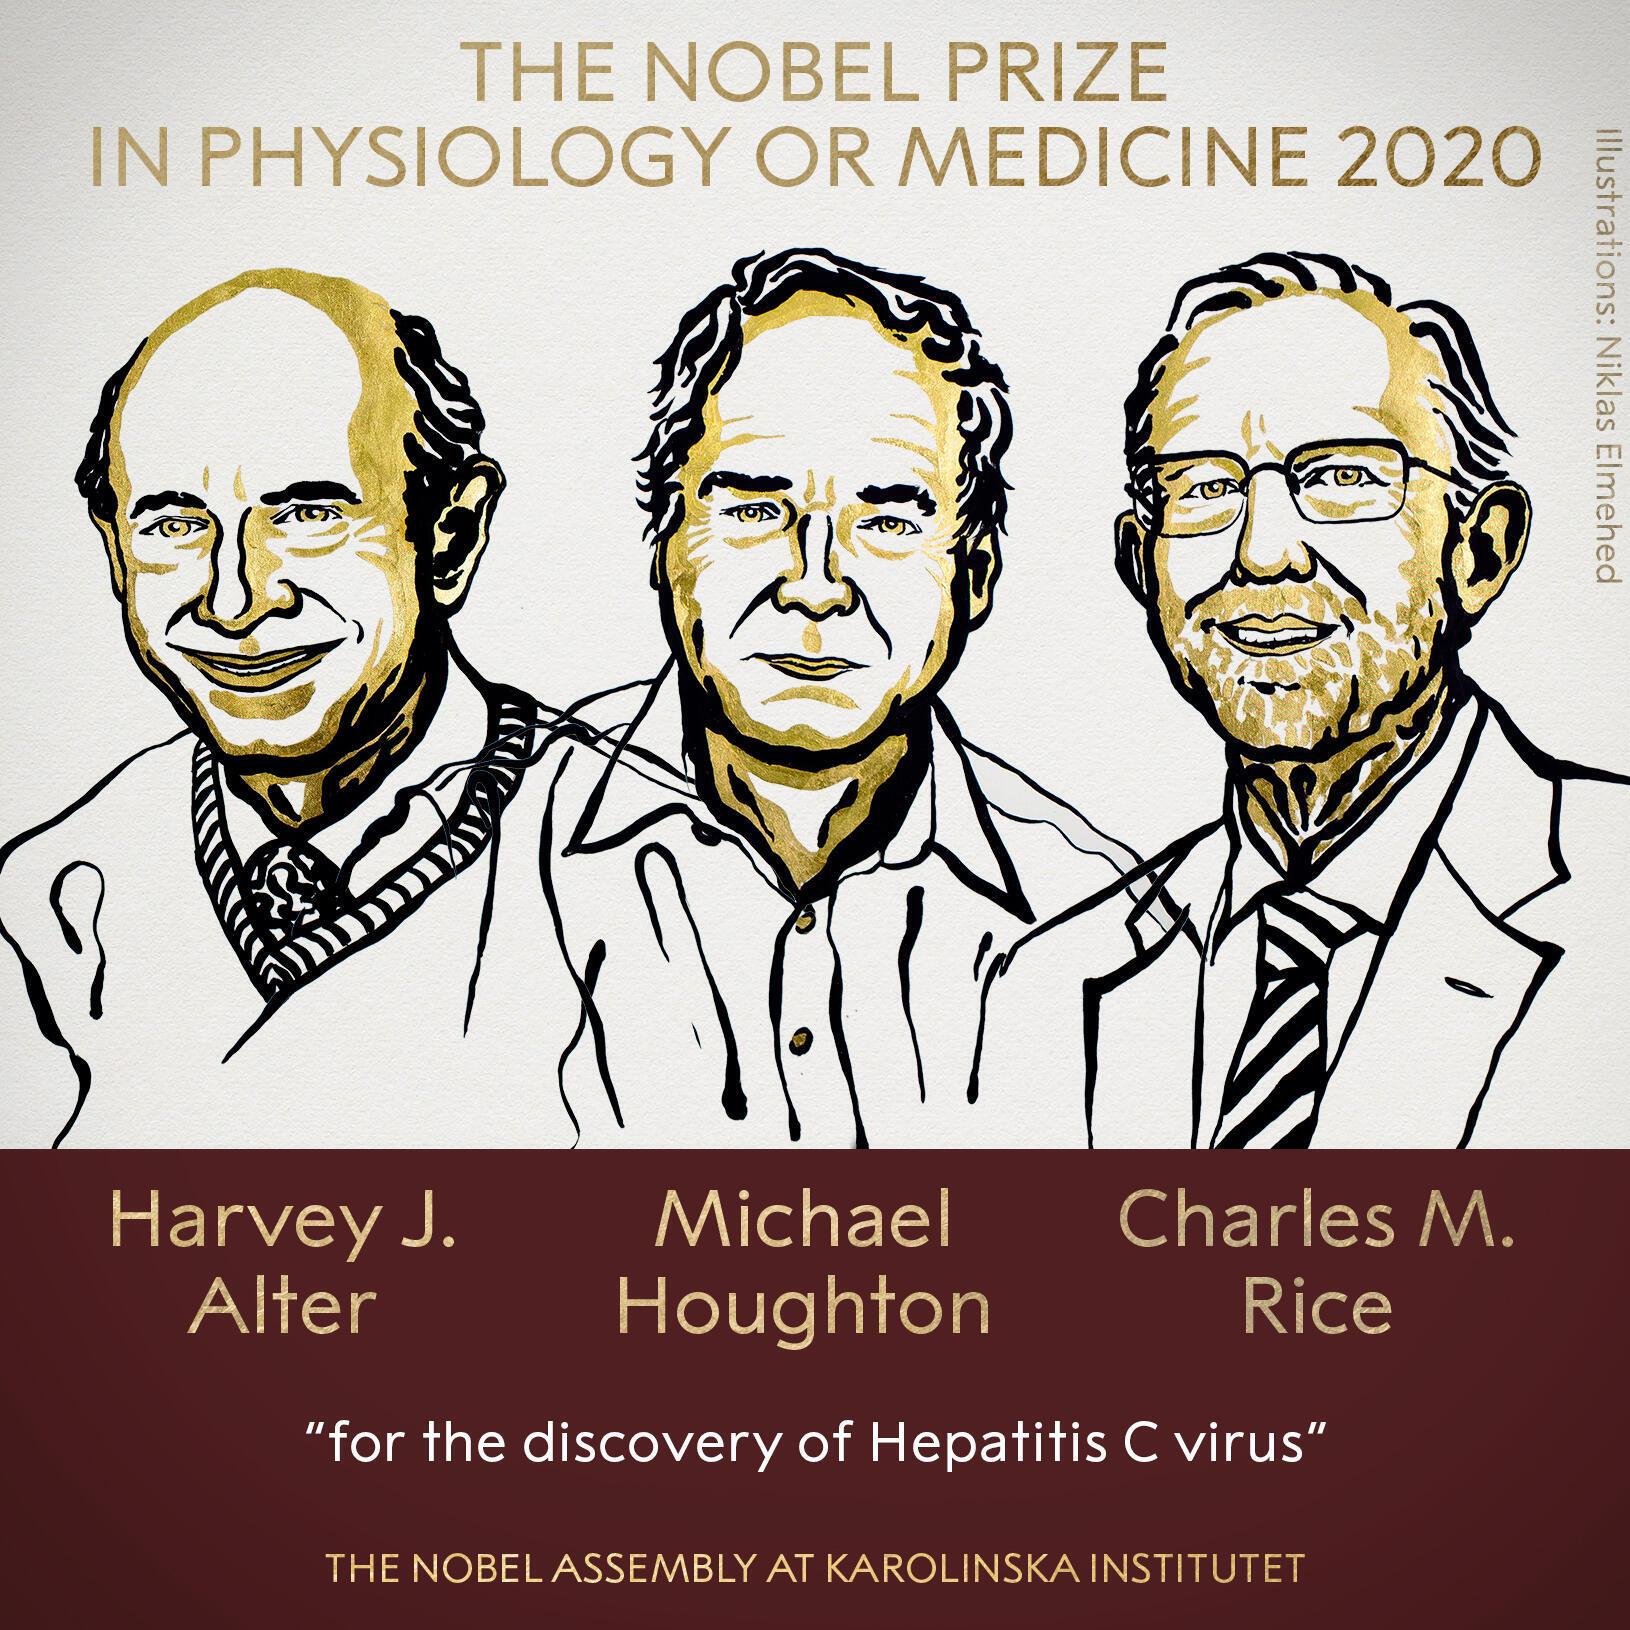 美国病毒学家阿特尔(Harvey J. Alter)、莱斯(Charles M.Rice)、及英国生化学家贺顿{Michael Houghton)三位学者以发现C型(丙型)肝炎病毒方面的成就,共同获得2020年诺贝尔医学奖。